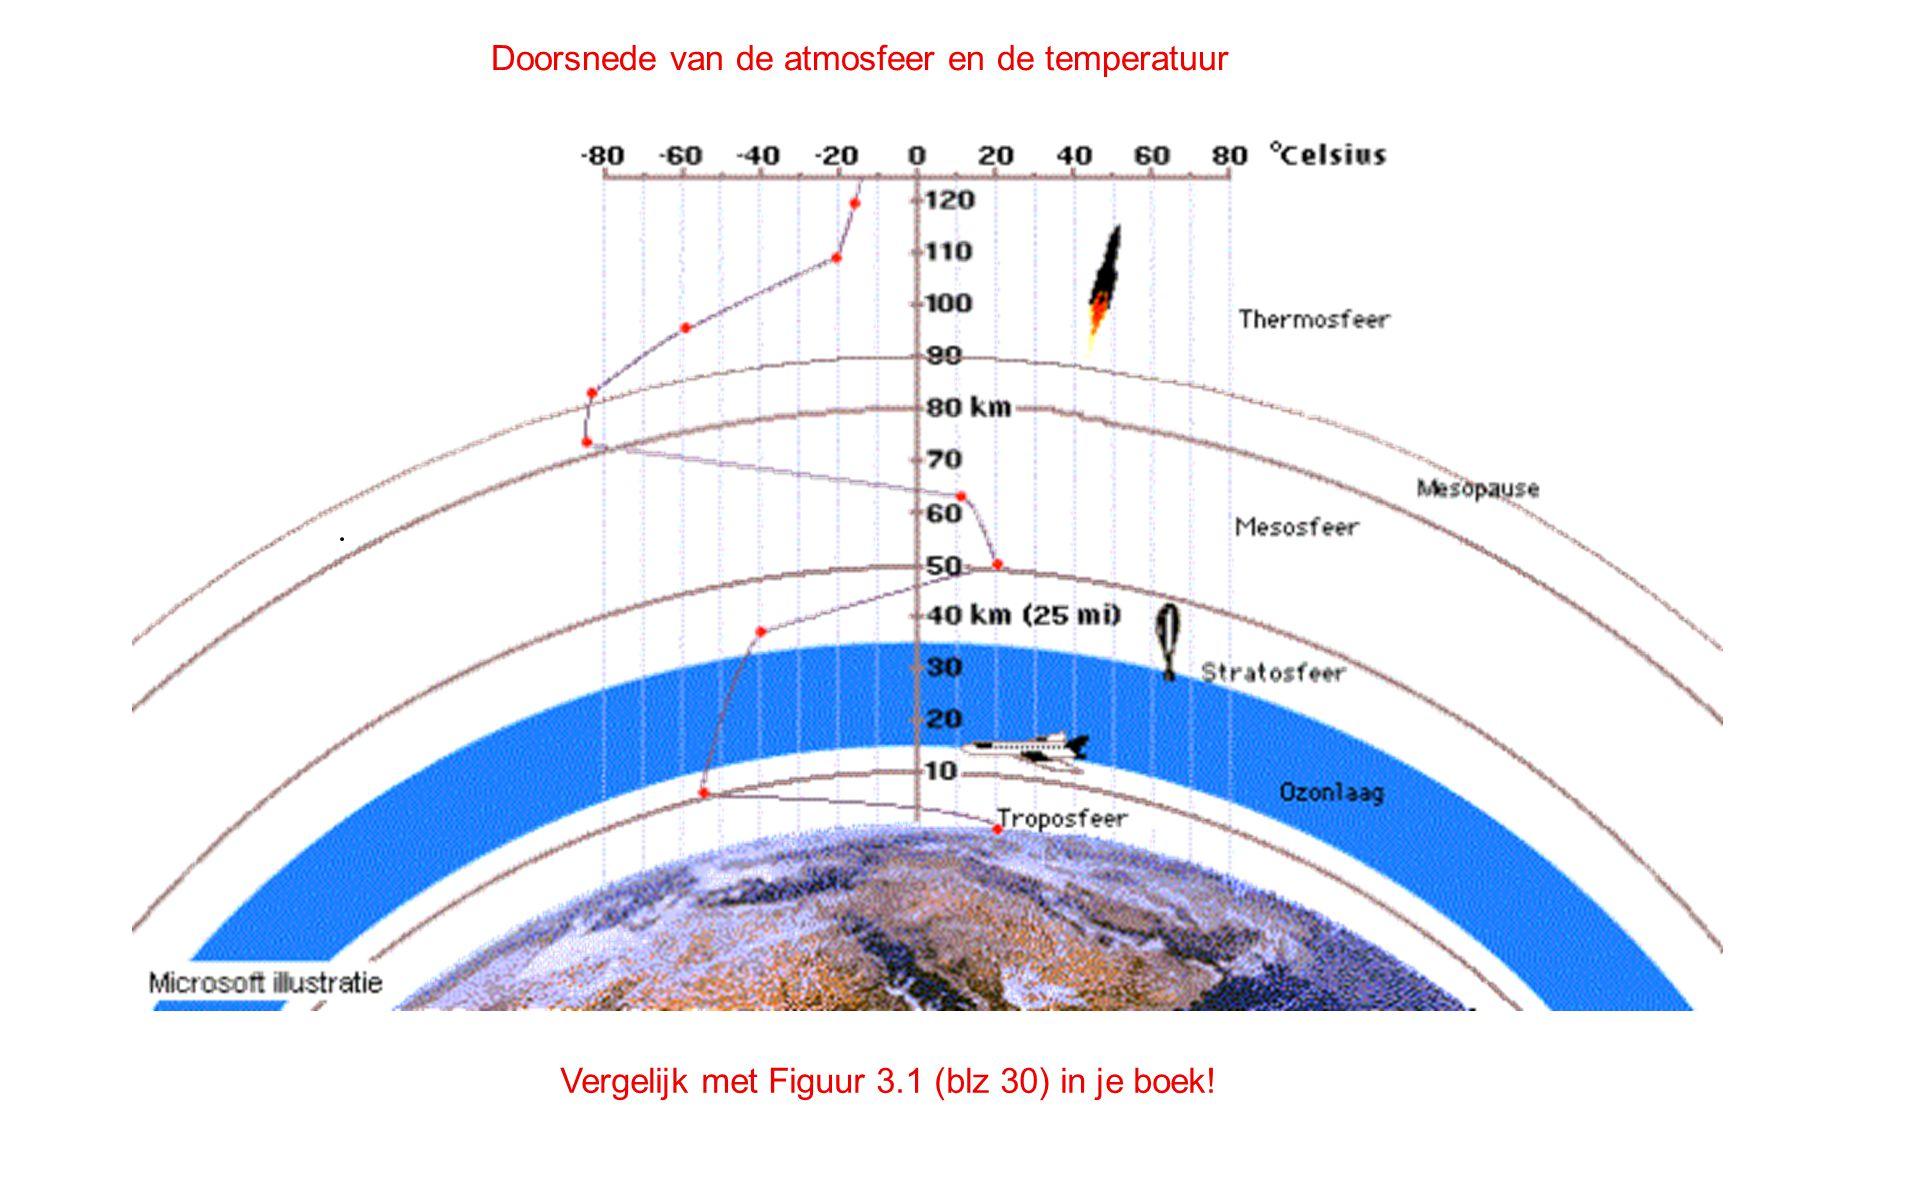 Vergelijk met Figuur 3.1 (blz 30) in je boek! Doorsnede van de atmosfeer en de temperatuur